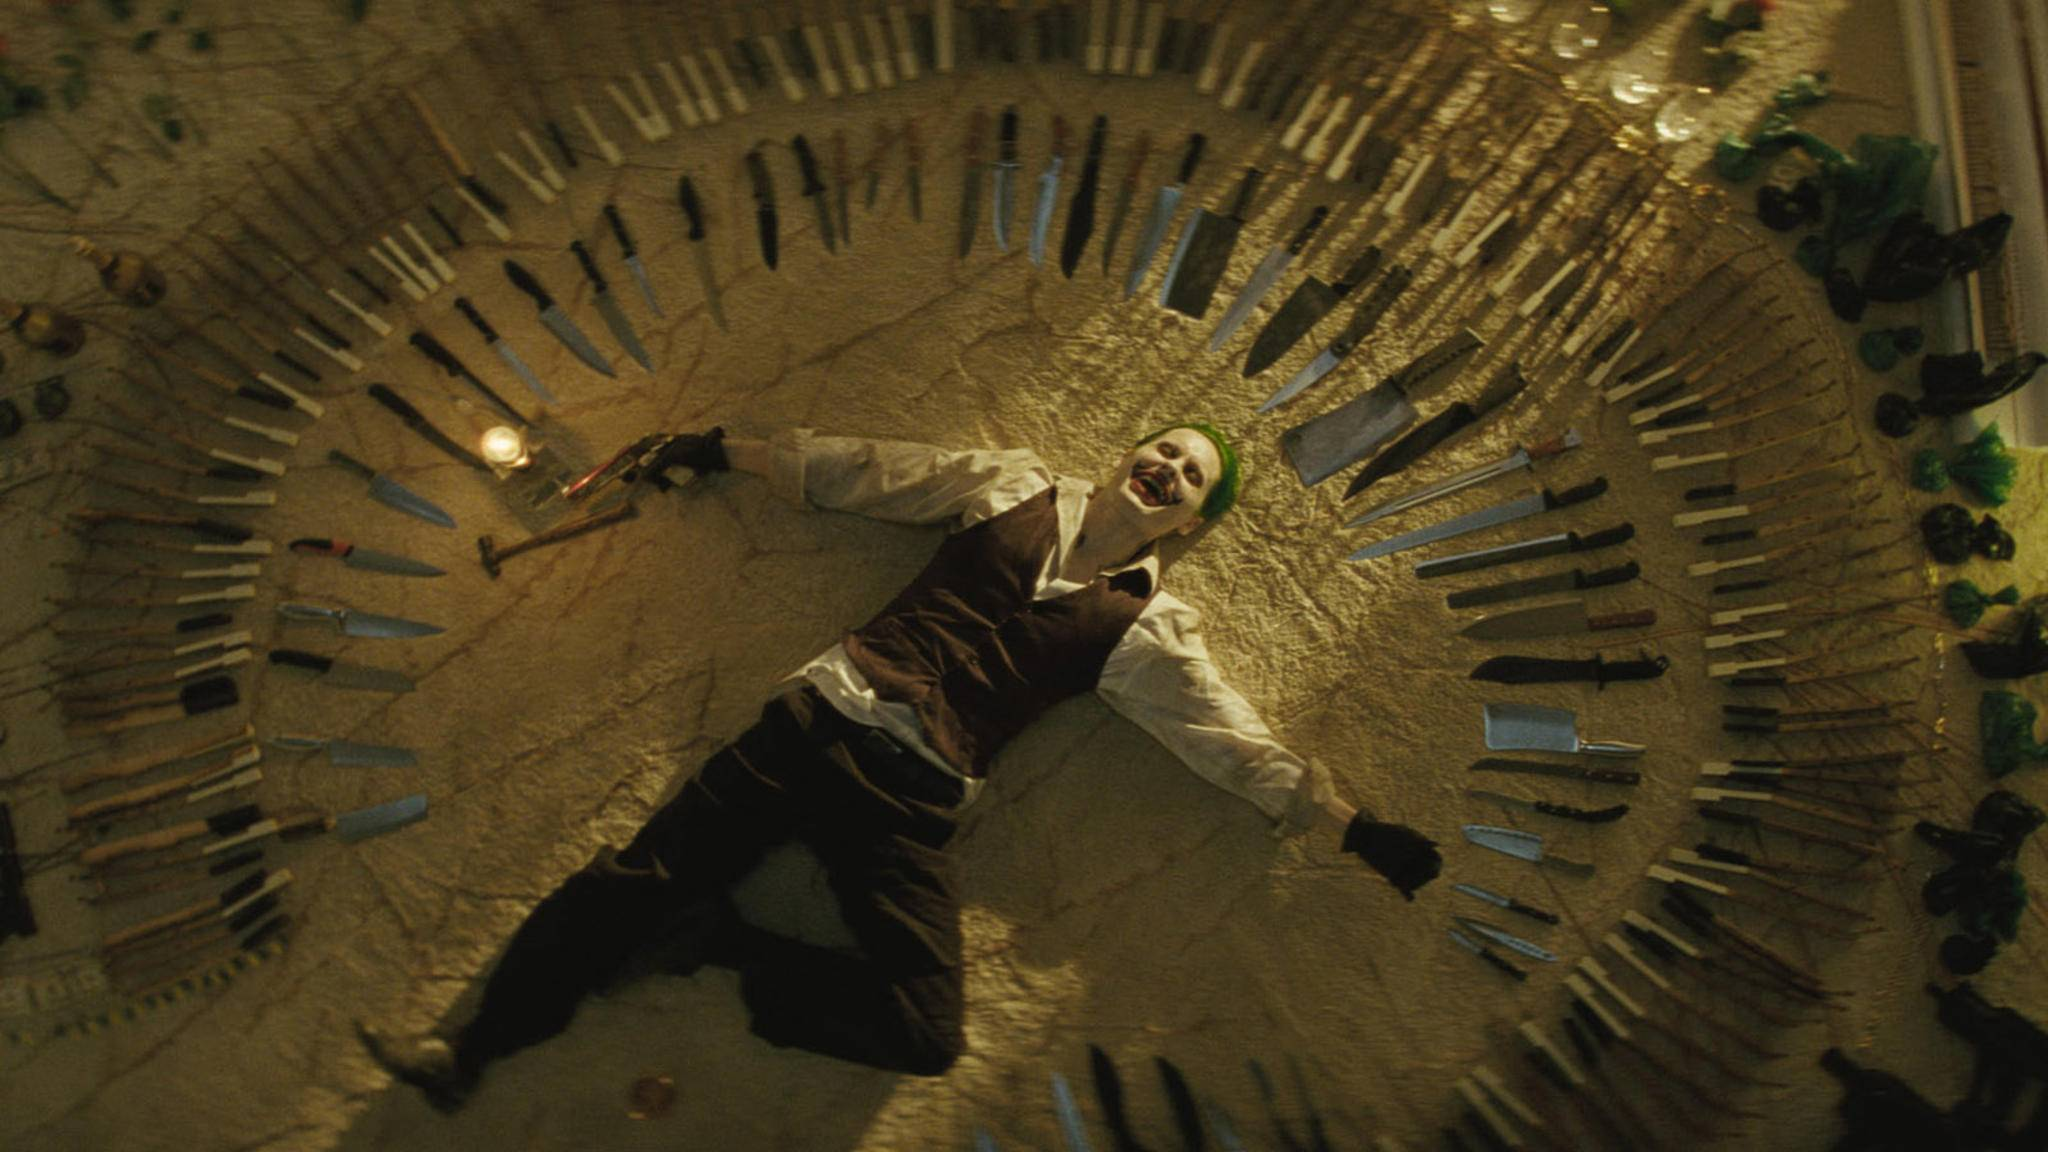 """Im bombastischen """"Suicide Squad""""-Trailer war der Joker (Jared Leto) der Star. Im fertigen Film kam er kaum vor – und das ist noch längst nicht der einzige Kritikpunkt an dem DC-Film."""